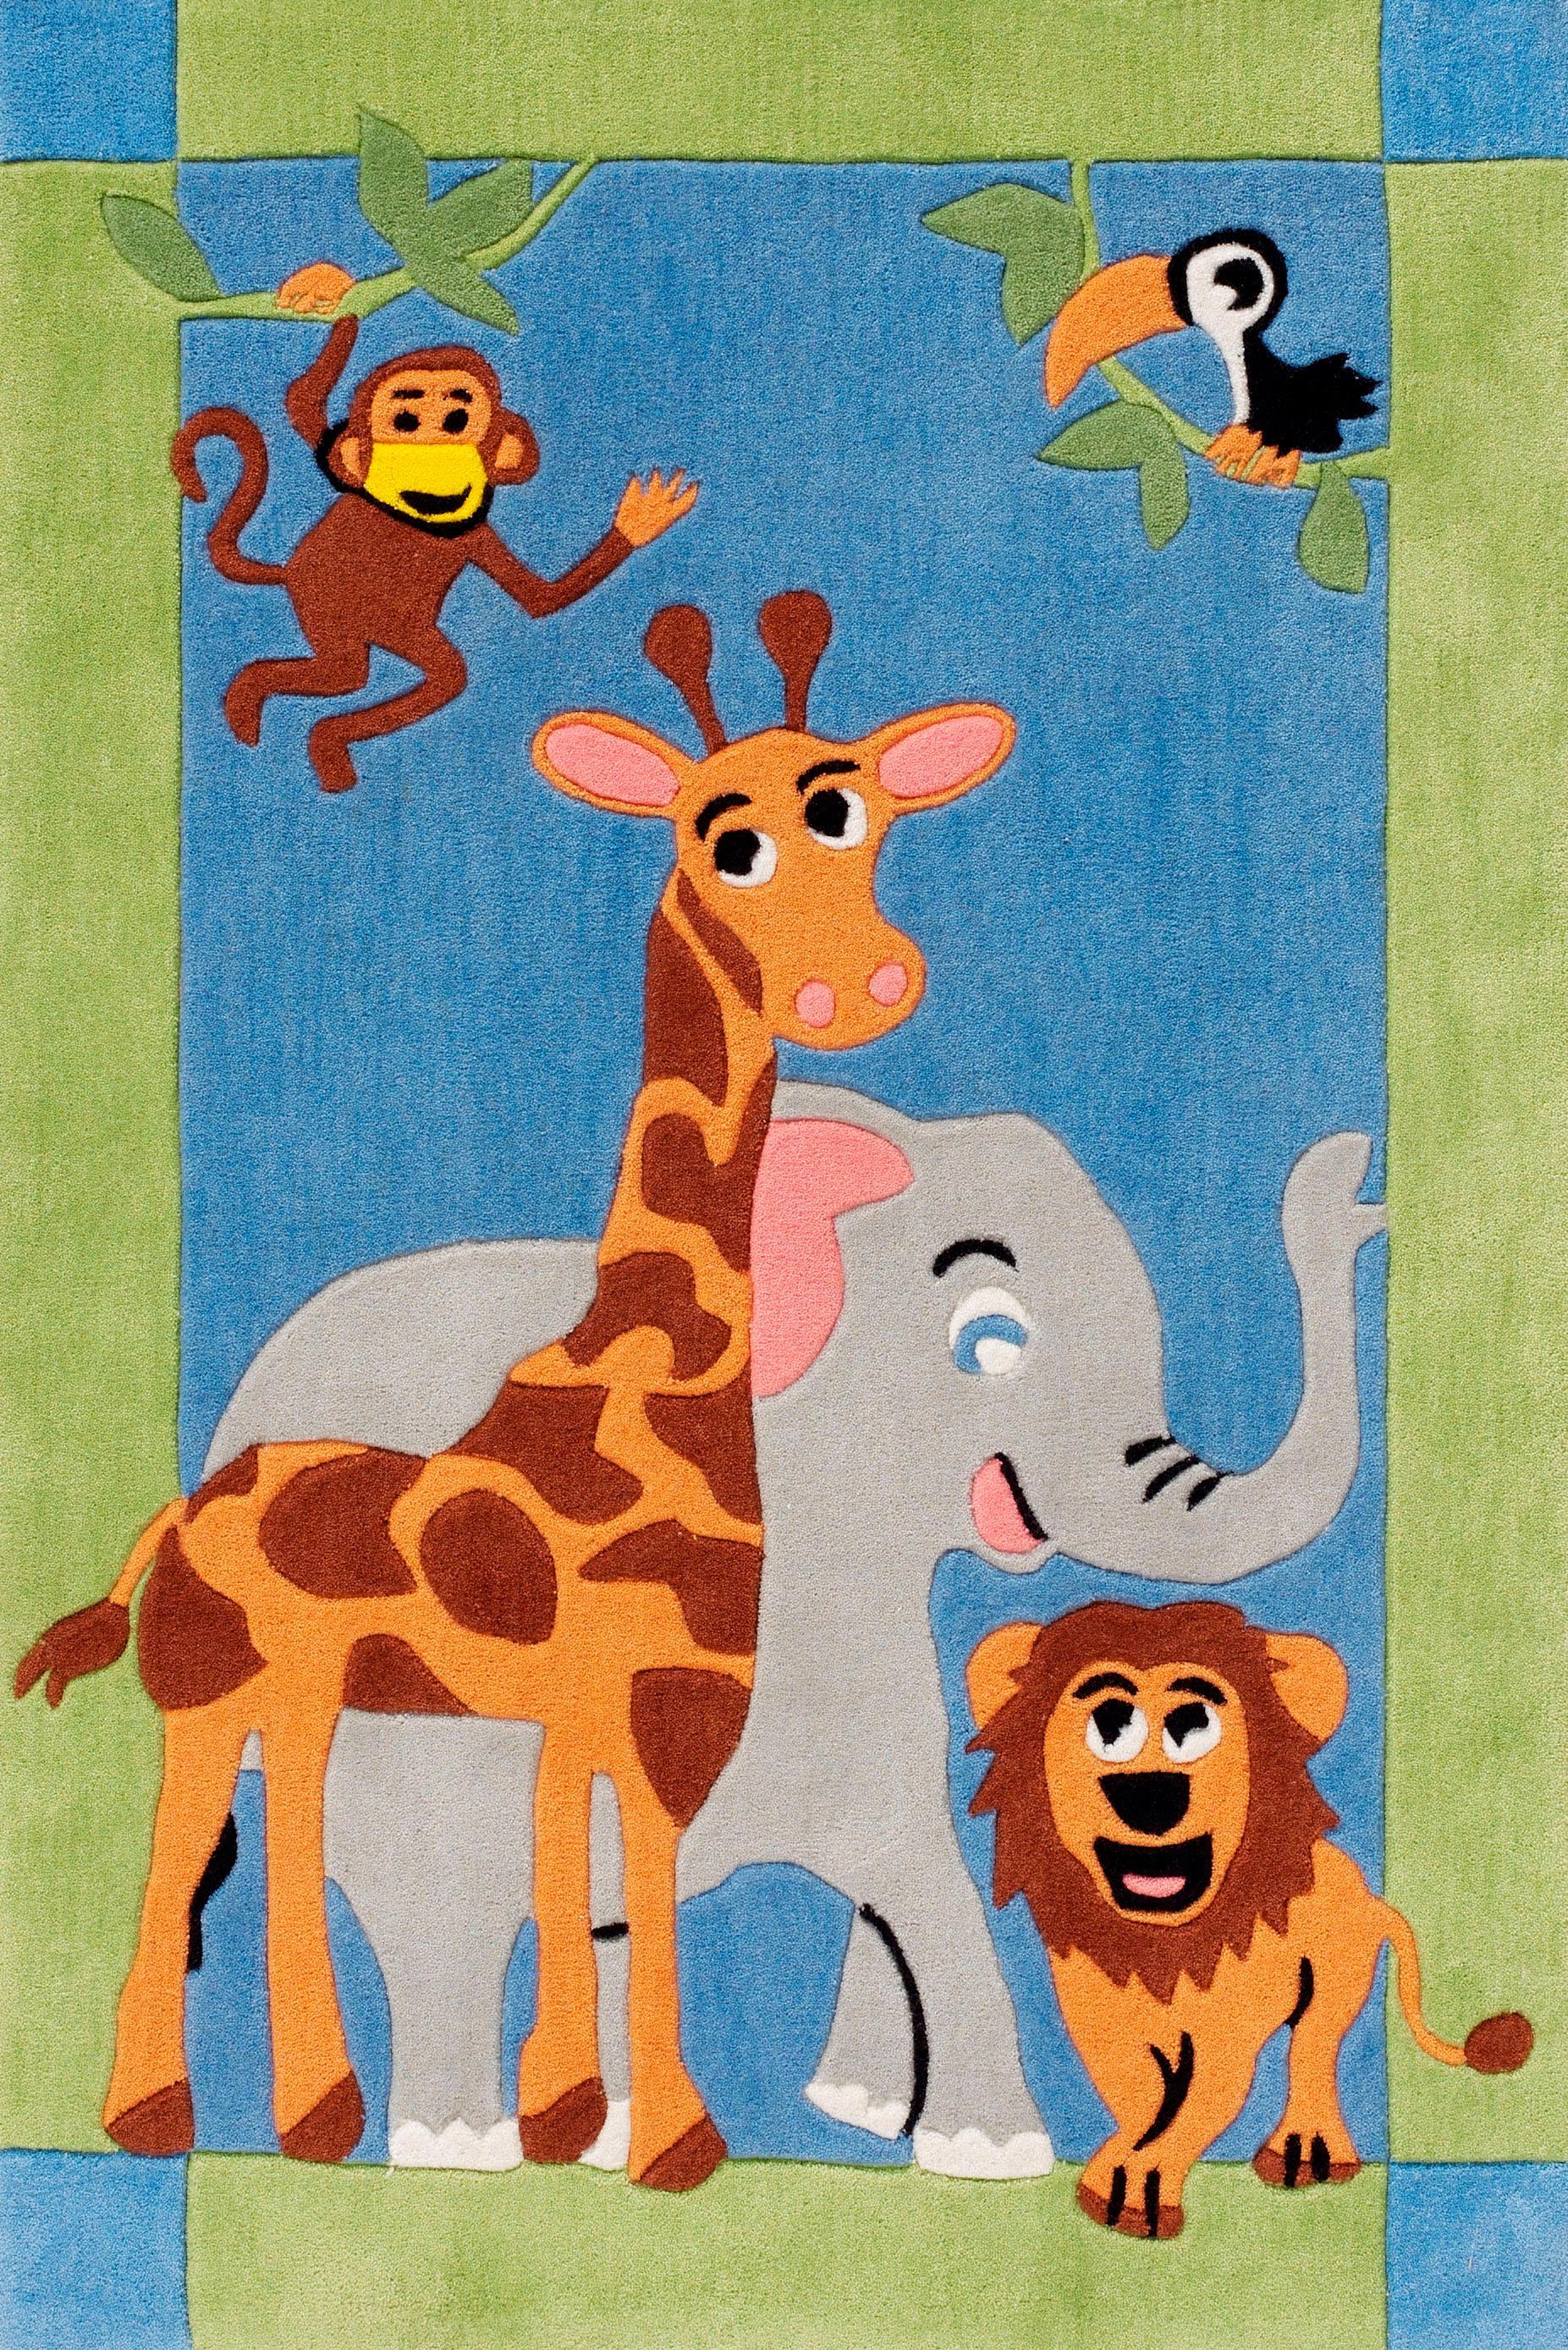 Kinder-Teppich Böing Carpet Kids 1363 Höhe 11 mm handgetuftet